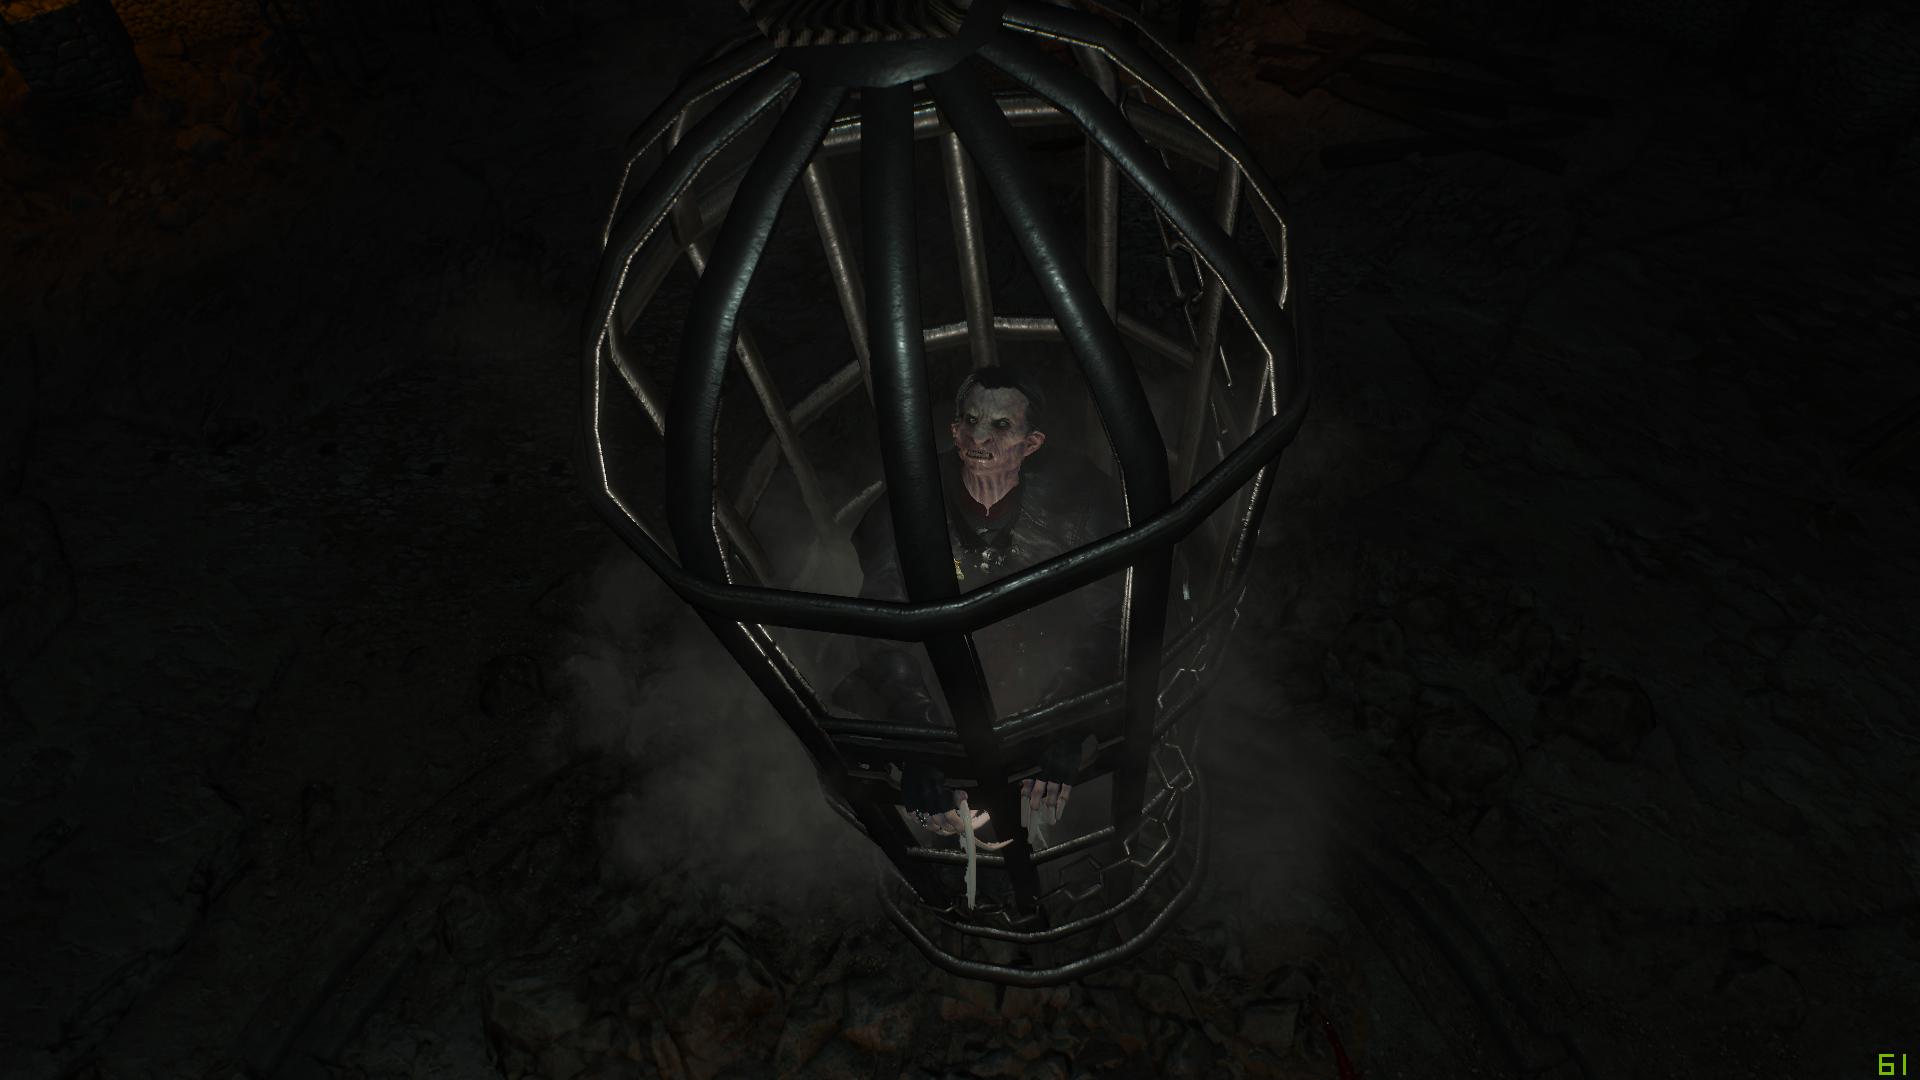 Деттлафа посадили в клетку Хагмара. - Witcher 3: Wild Hunt, the Деттлаф, Клетка, Хагмар